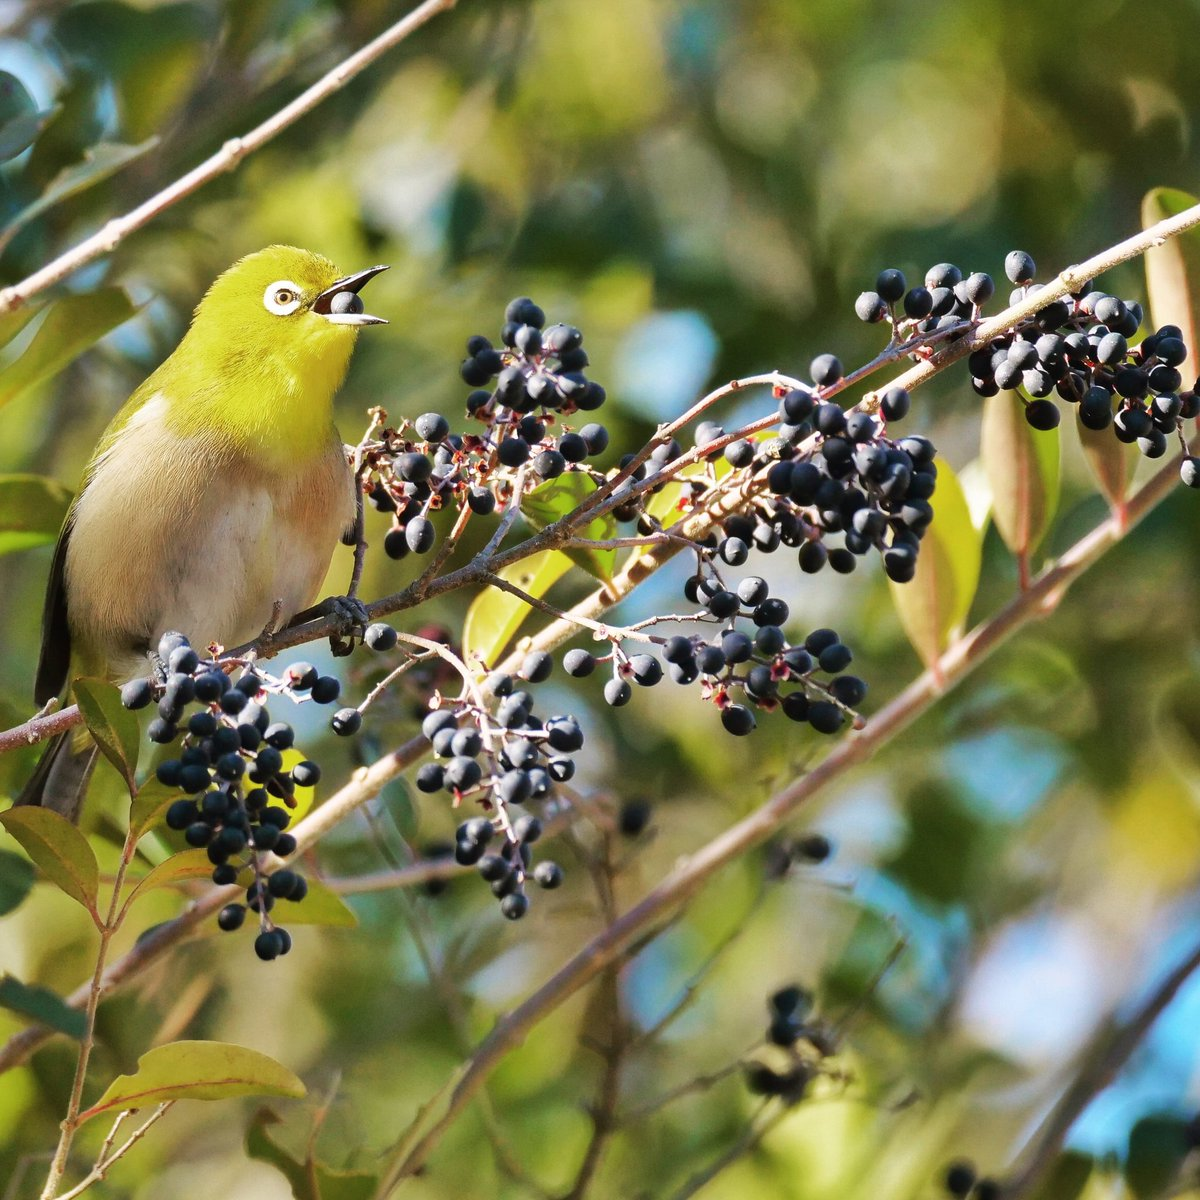 久々のメジロさん祭りでした~ #メジロ #野鳥 #bird #whiteeye #nature #japan #tokyocameraclub  #東京カメラ部